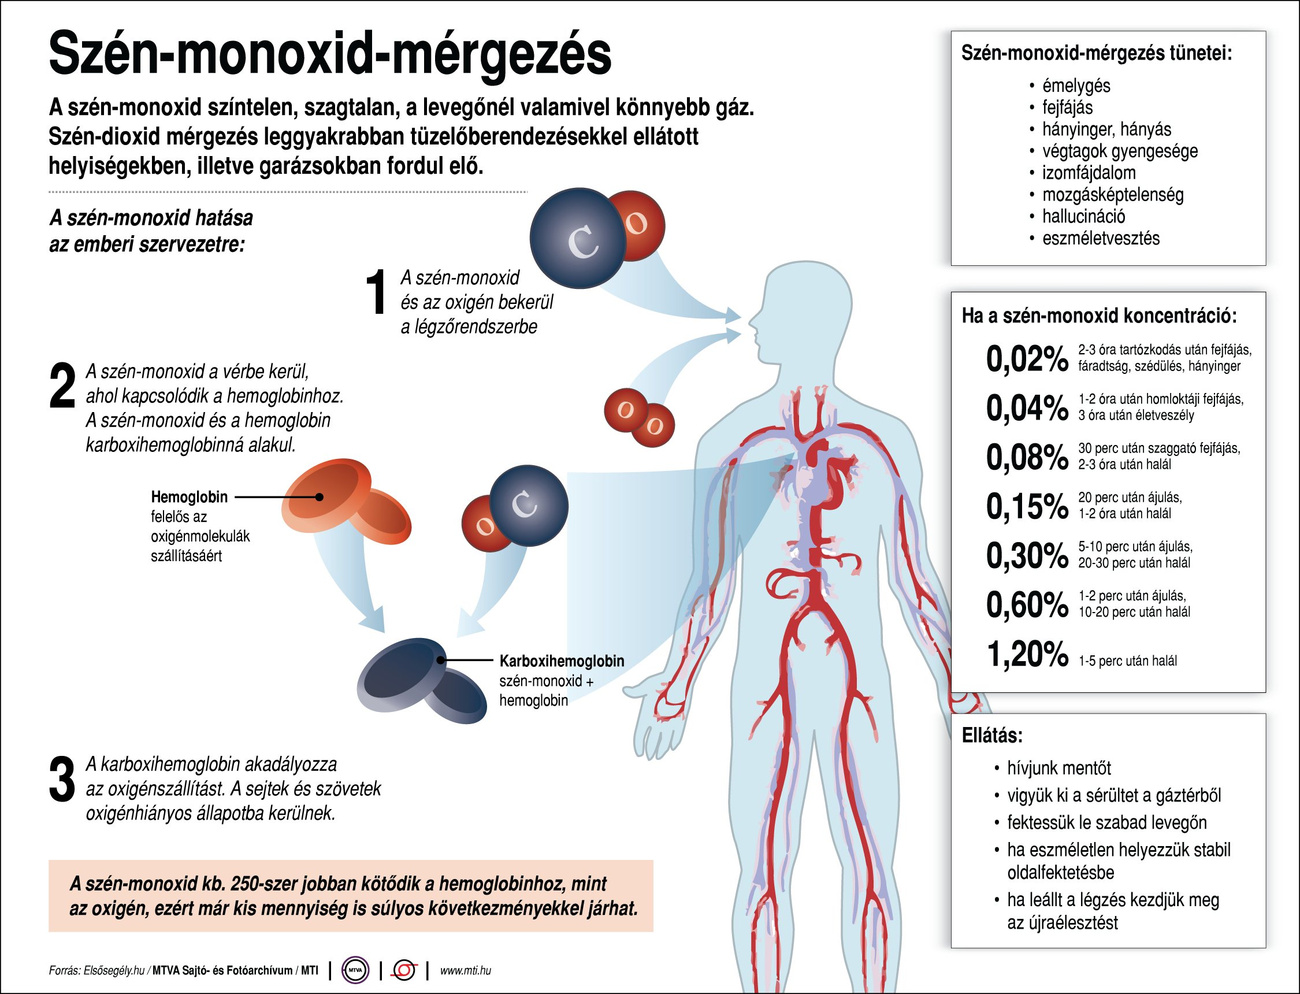 Index - Tudomány - A szén-monoxid csak ritkán kivédhetetlen a0c1dfa501